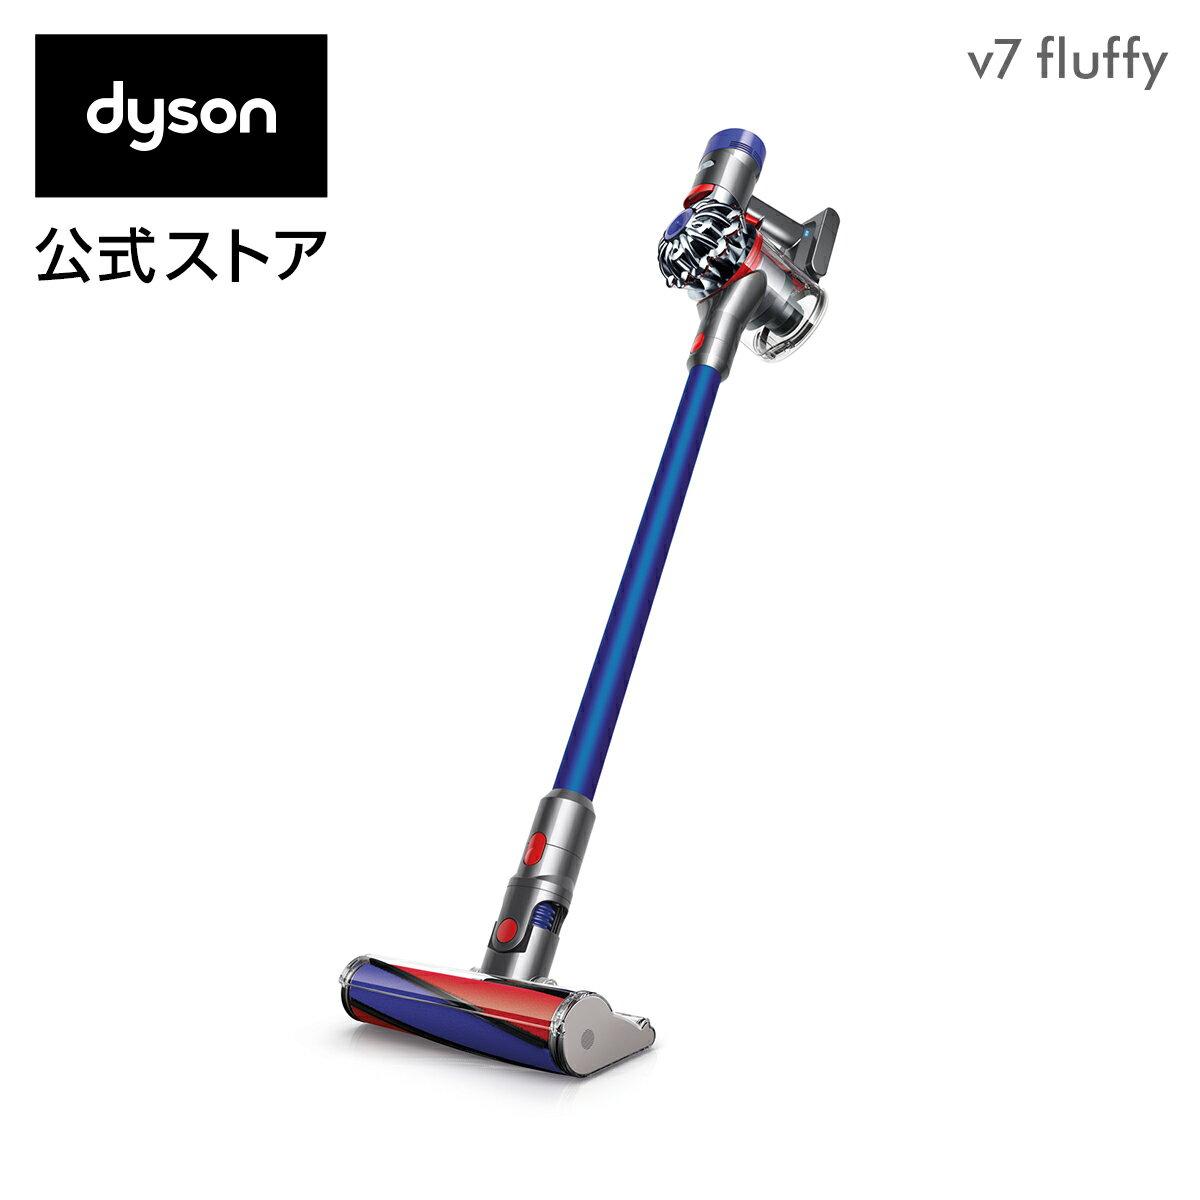 26日9:59amまで【期間限定20%ポイントバック】ダイソン Dyson V7 Fluffy サイクロン式 コードレス掃除機 SV11FF ブルー 2017年モデル